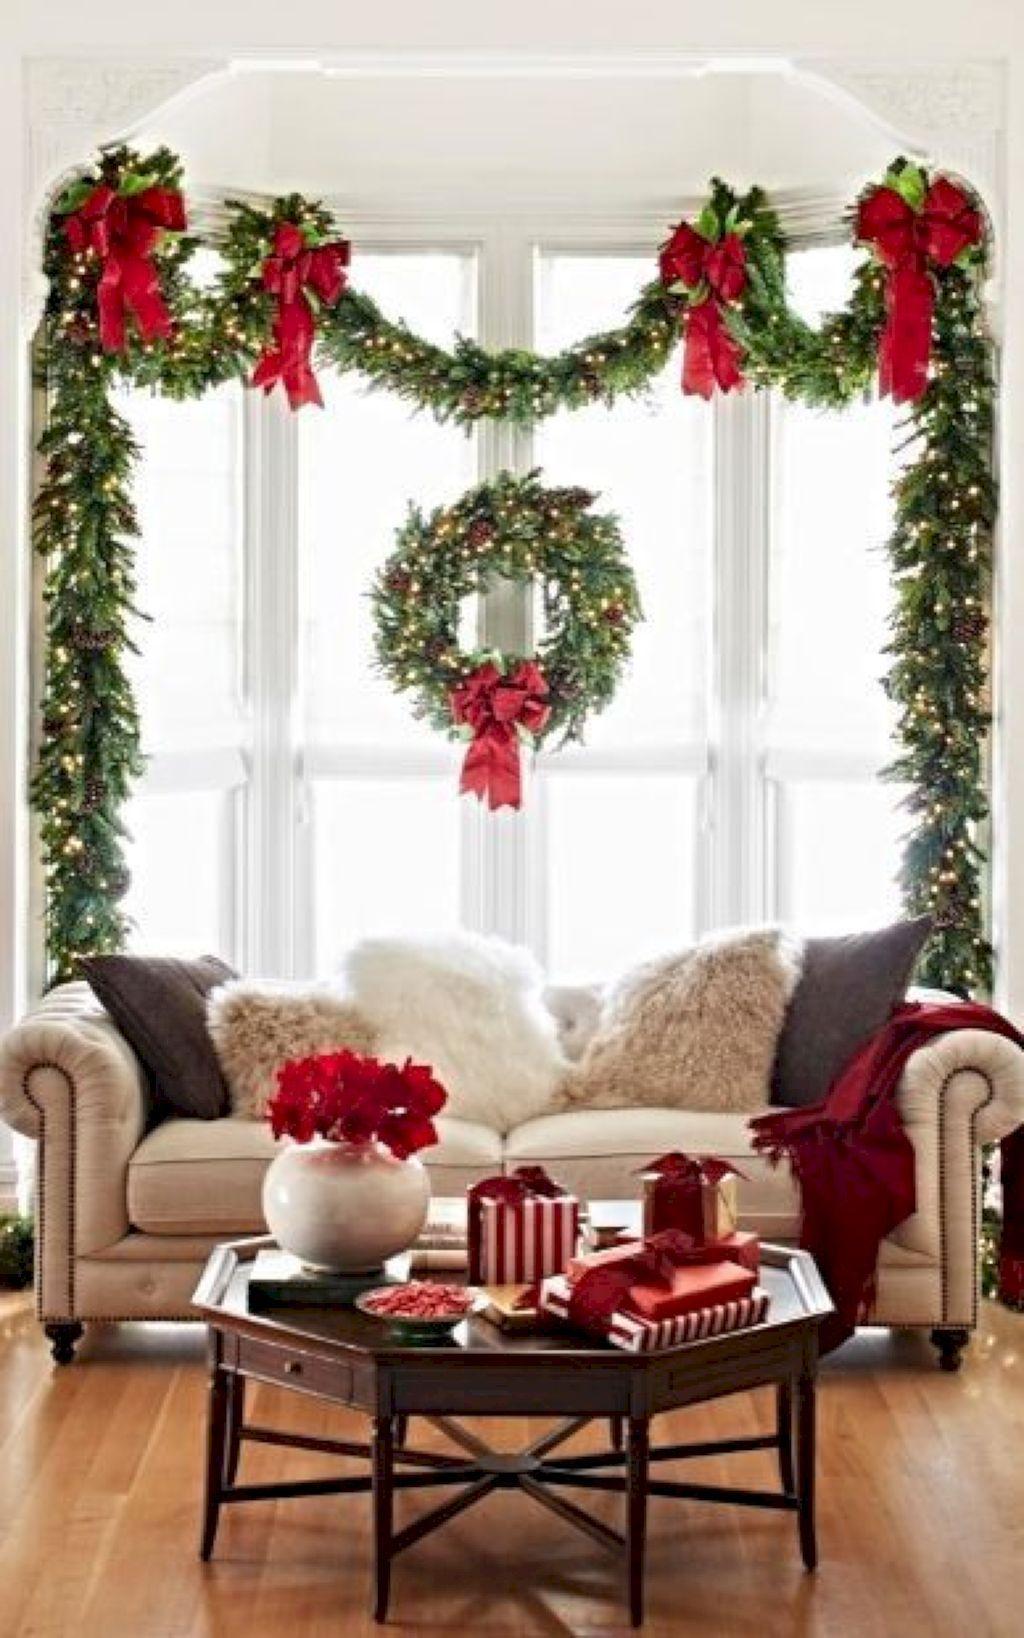 55 Adorable Christmas Home Decor Ideas on a Budget | DIY Craft & RV ...